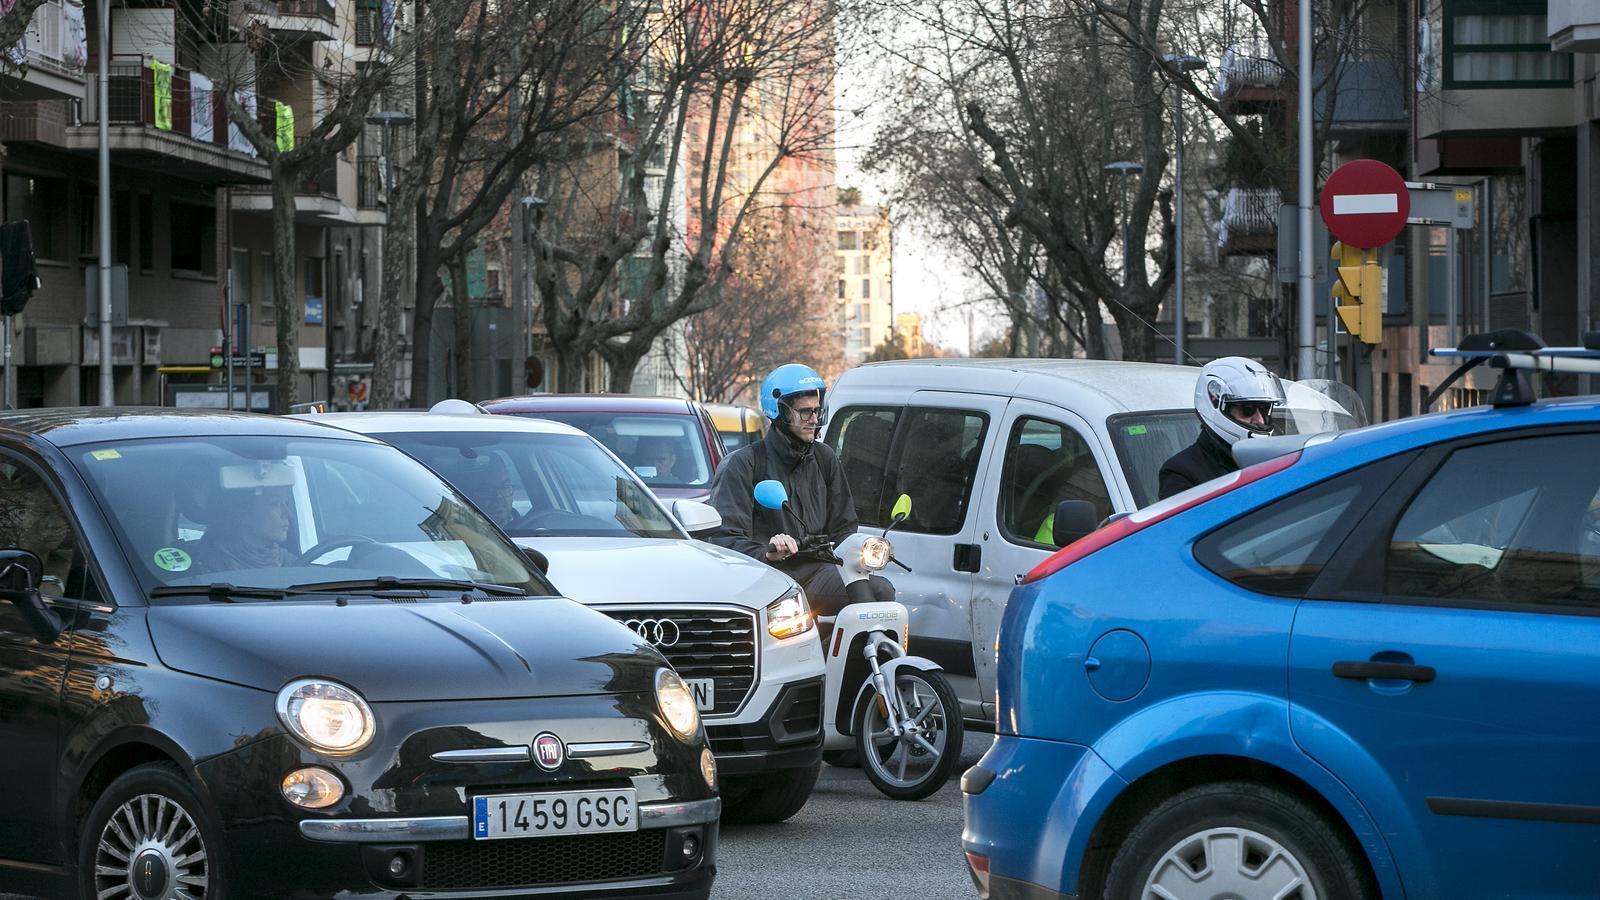 El vehicle compartit resta viatgers sobretot al transport públic